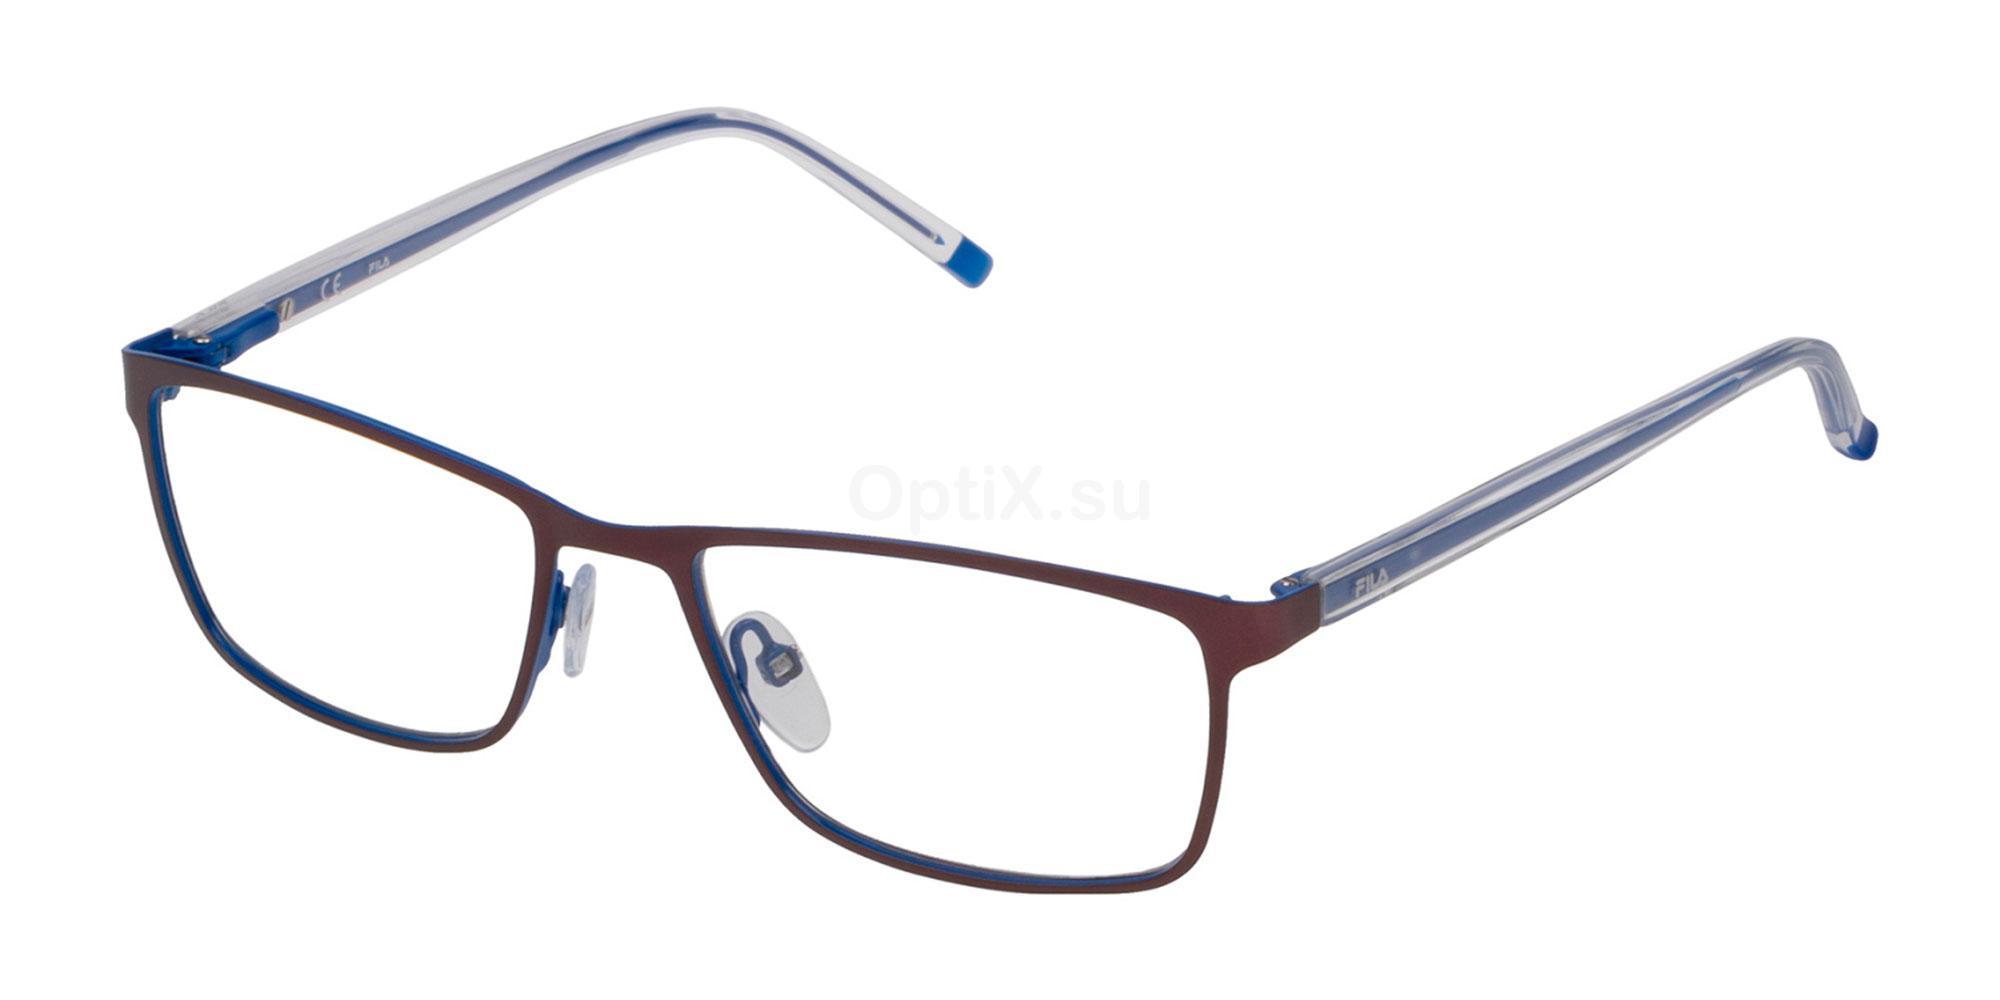 0I21 VF9837 Glasses, Fila